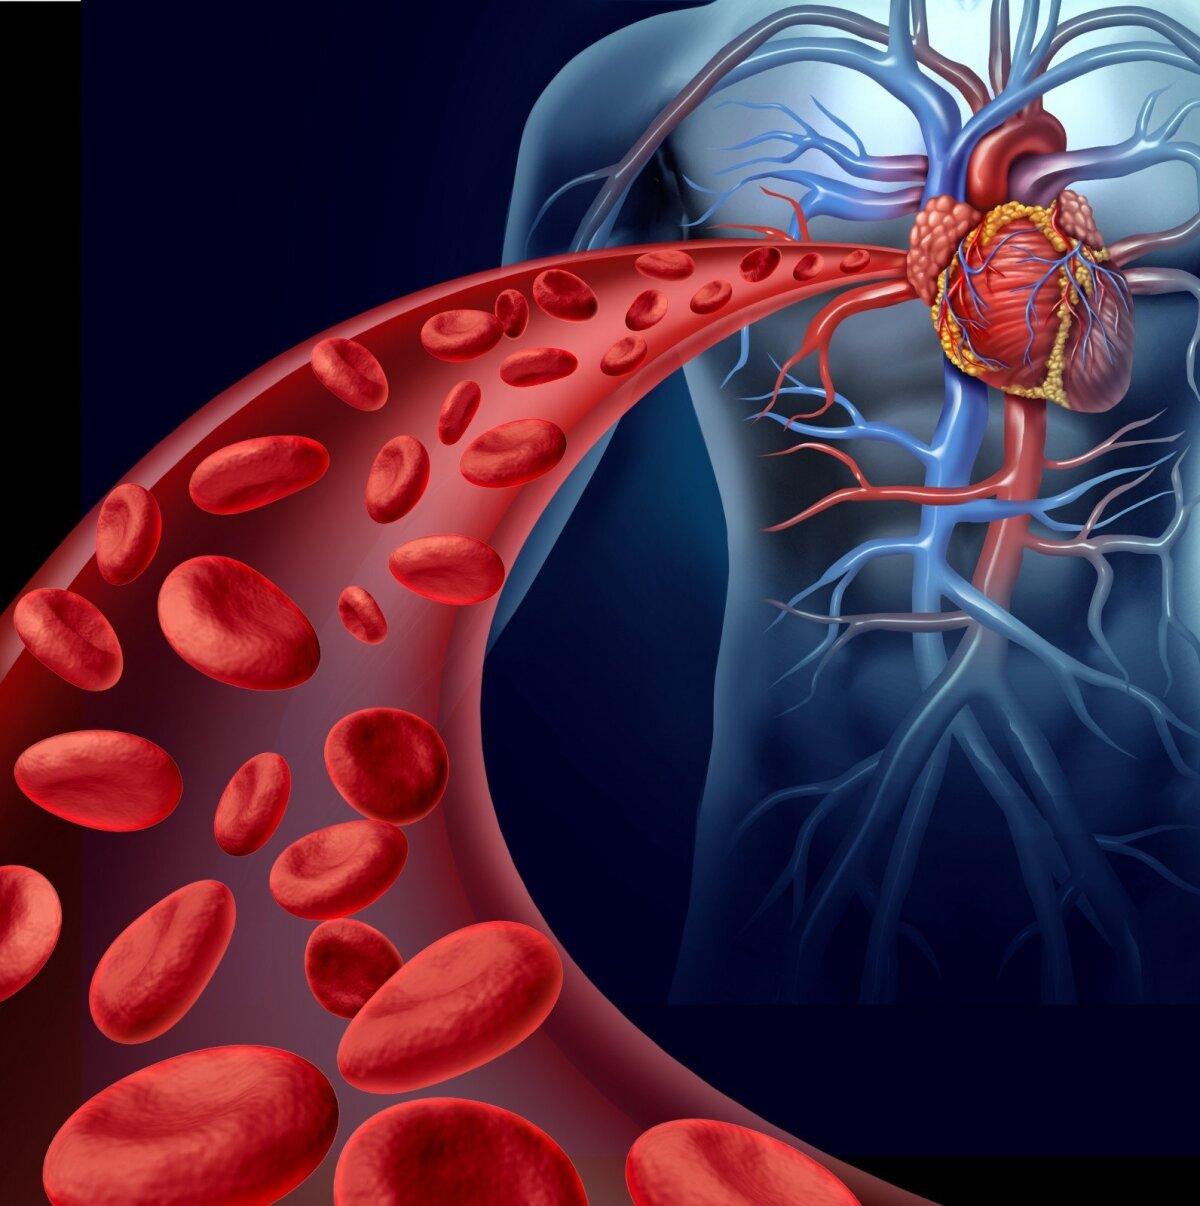 nevalgymas yra naudingas hipertenzijai